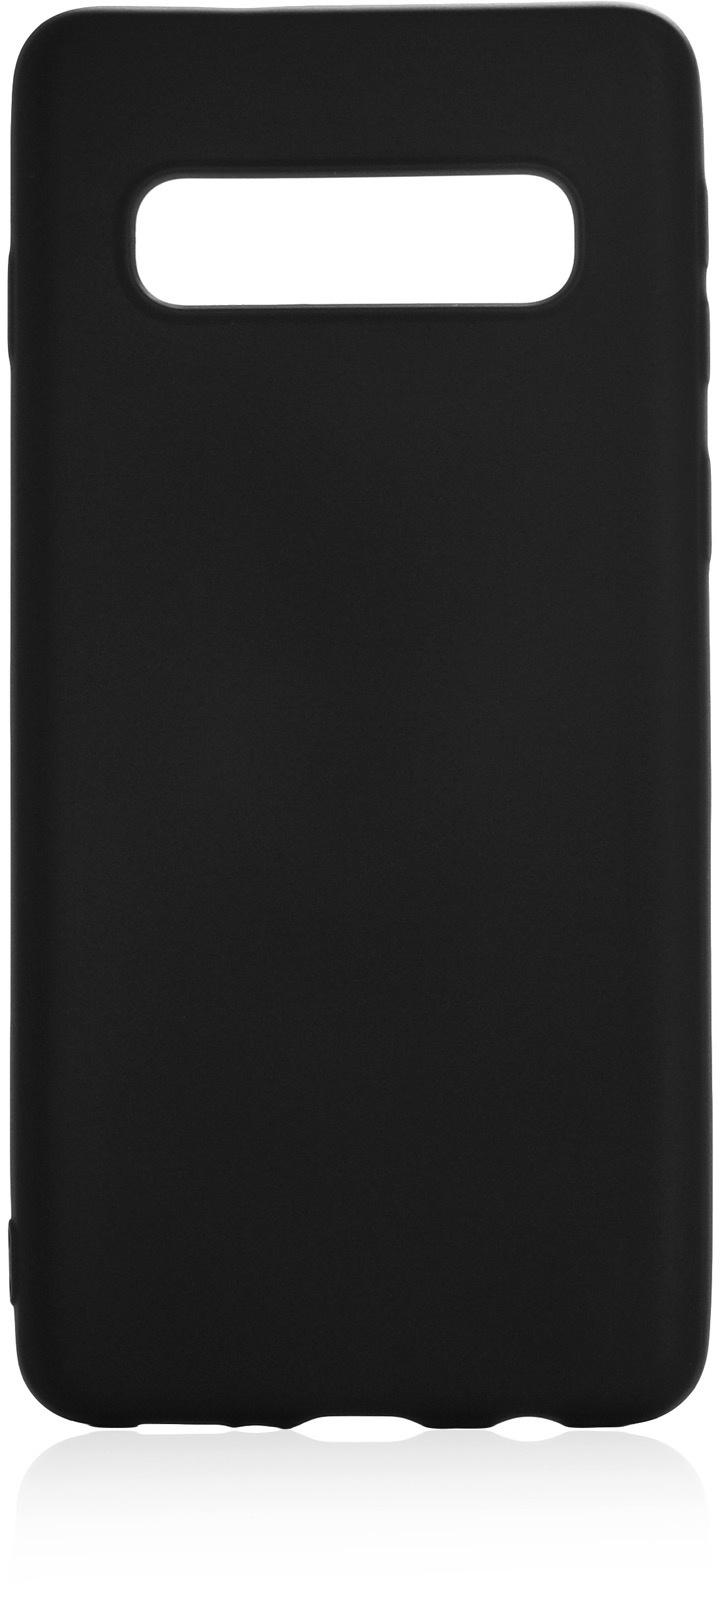 Чехол для сотового телефона Gurdini Soft touch силикон black для Samsung Galaxy S10, черный аксессуар чехол для samsung galaxy j8 2018 gurdini soft touch silicone black 907522